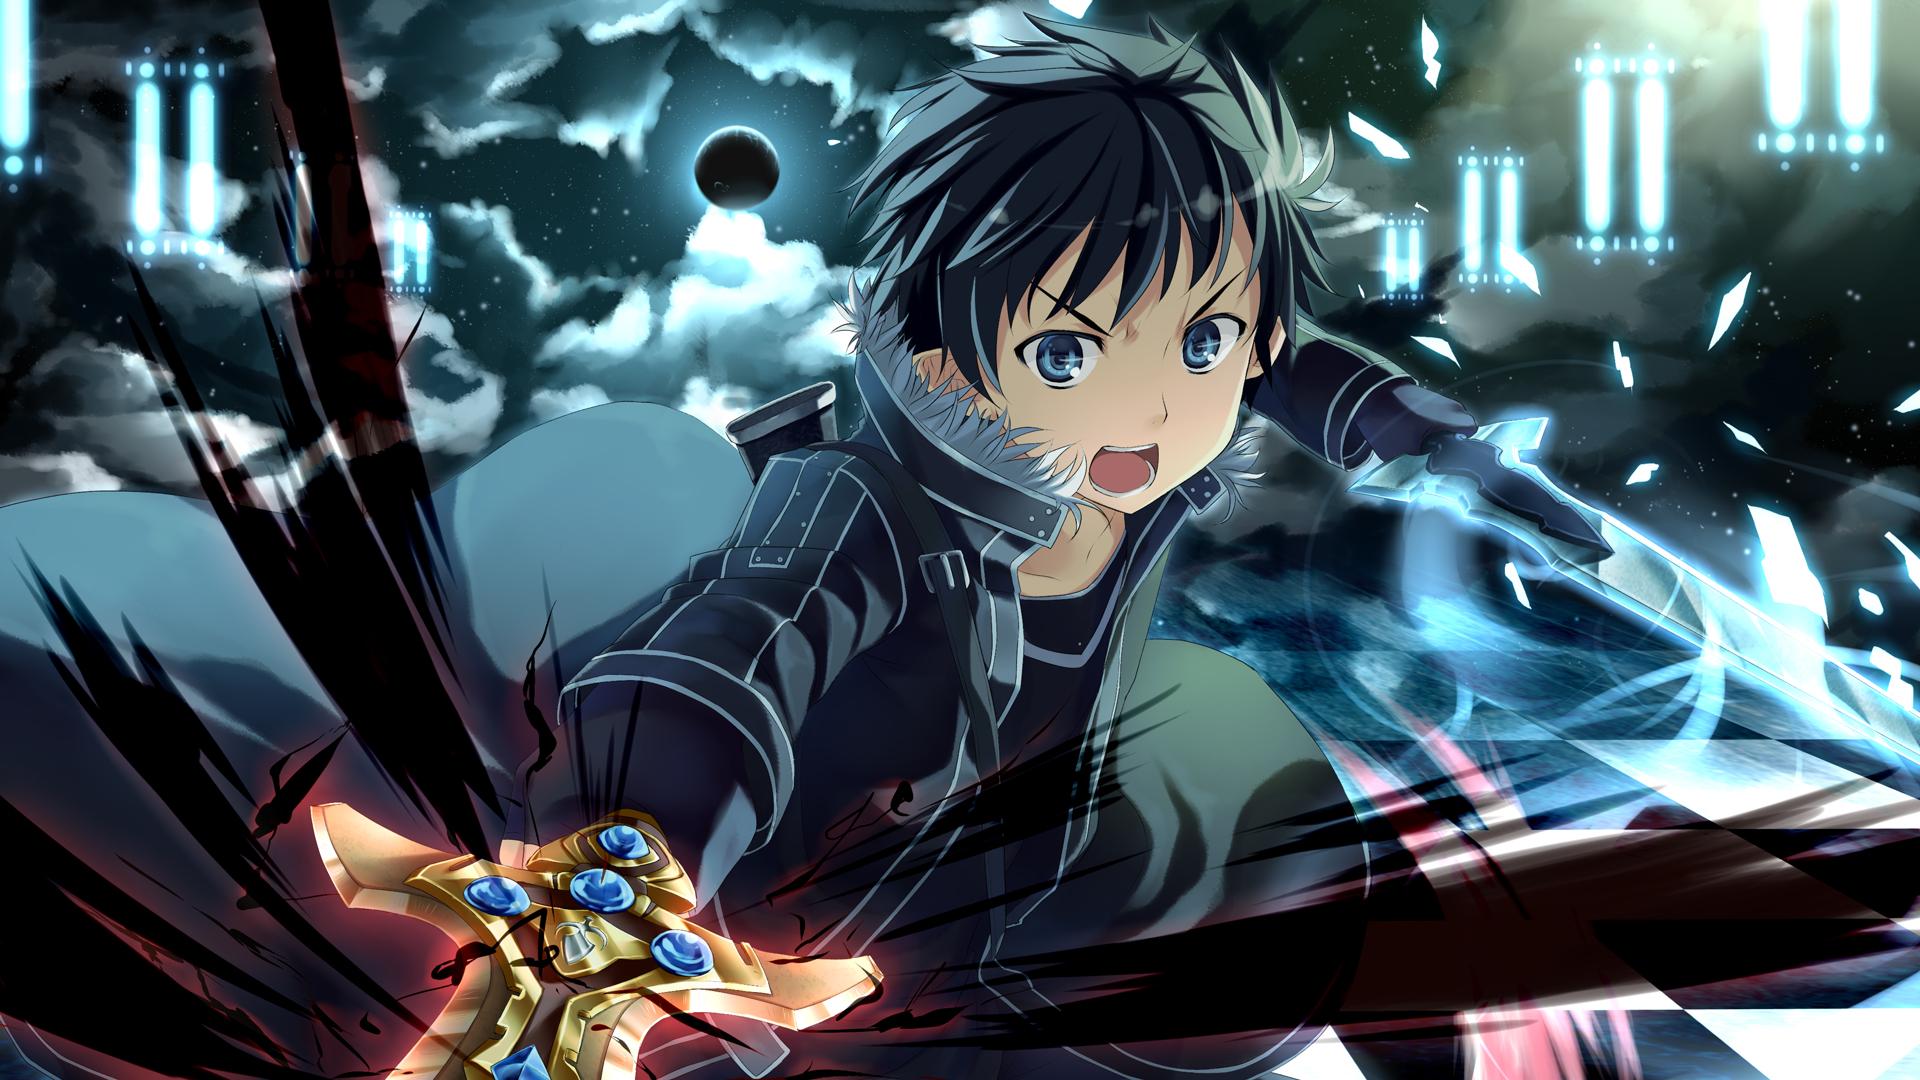 Sword Art Online SAO Anime wallpaper 1920x1080 53145 WallpaperUP 1920x1080